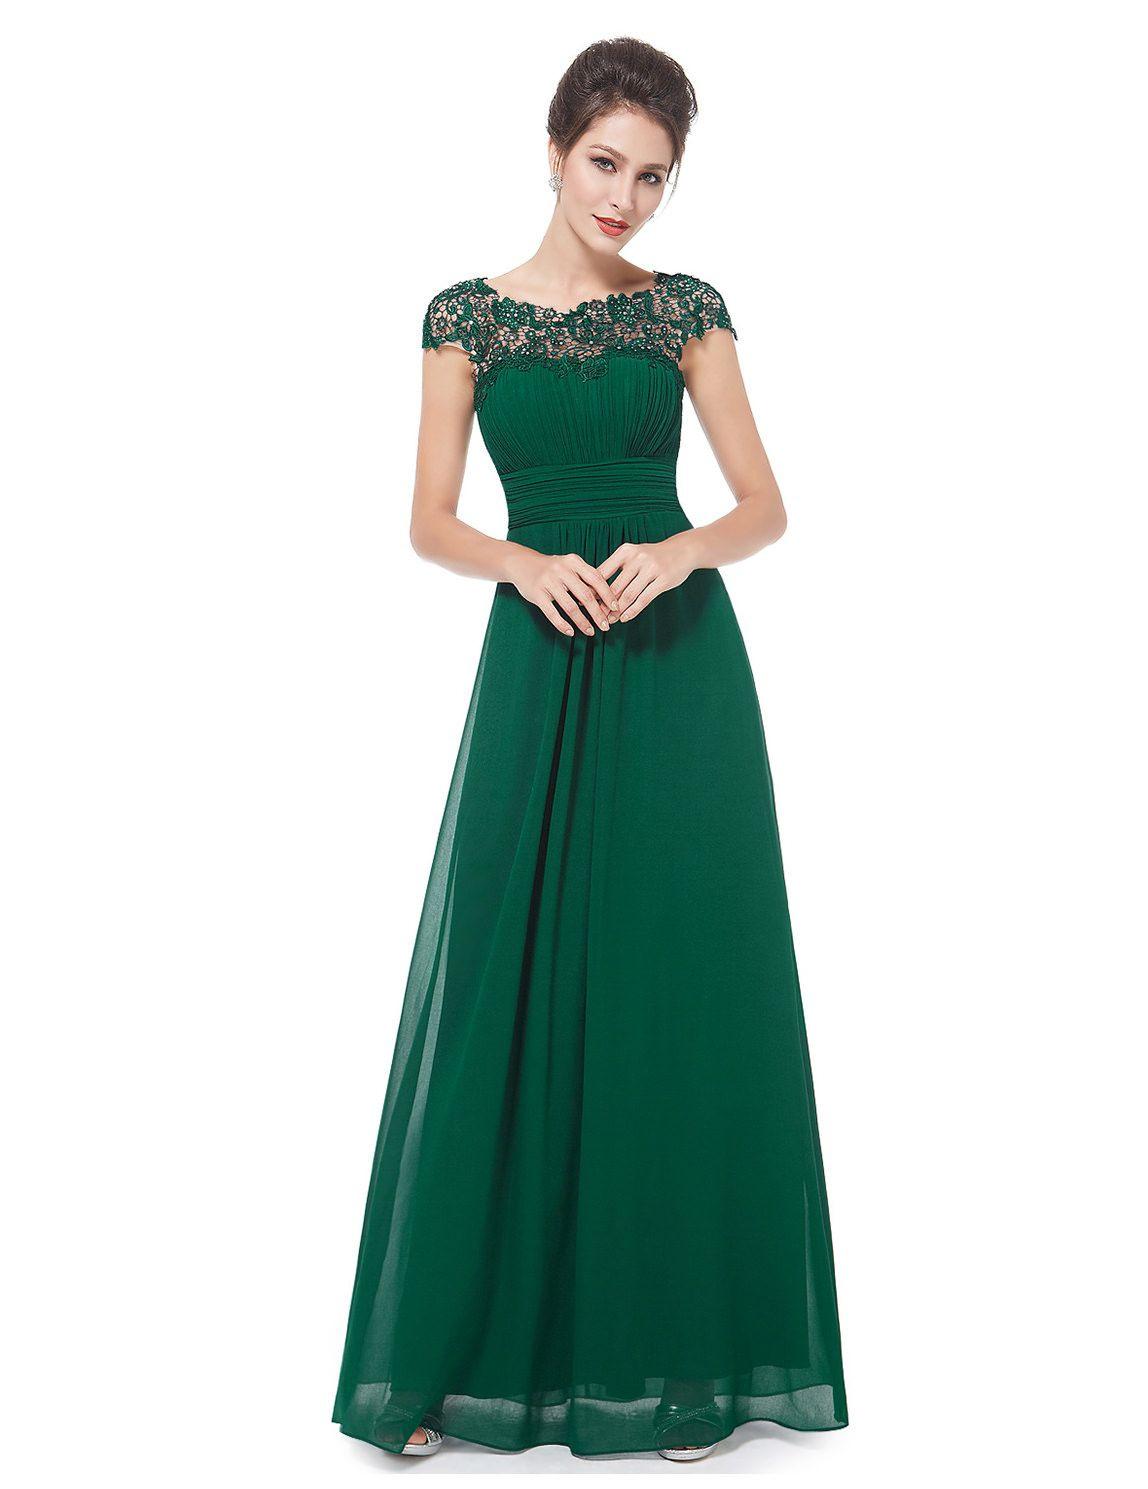 Formal Leicht Abendkleider Wo Kaufen Boutique15 Perfekt Abendkleider Wo Kaufen Bester Preis